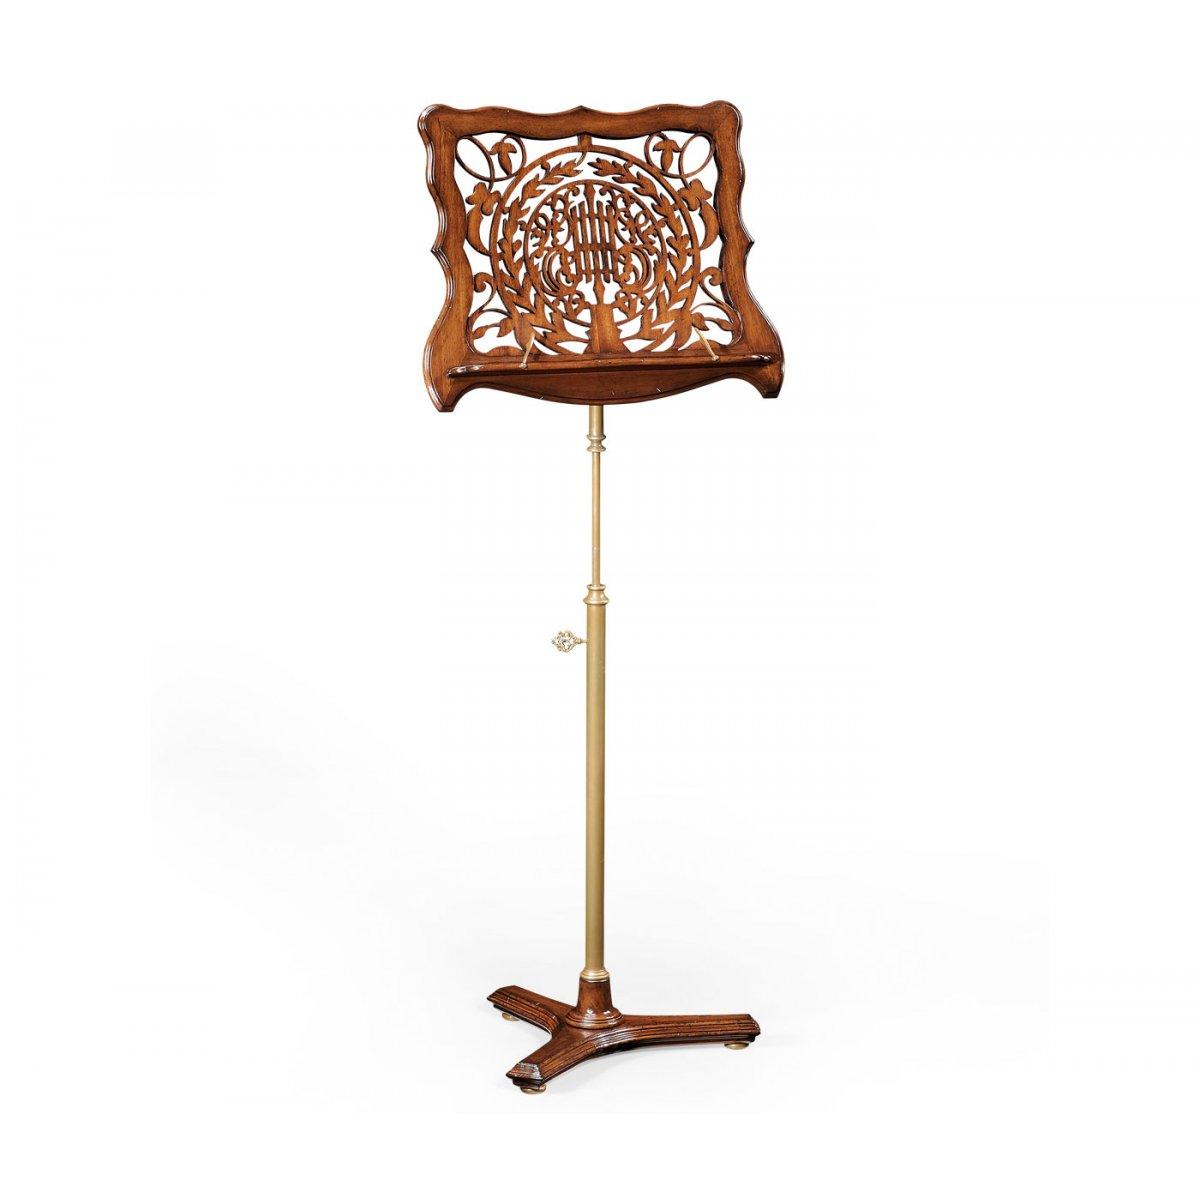 Adjustable Music Stand : adjustable wooden music stand with fretwork swanky interiors ~ Hamham.info Haus und Dekorationen